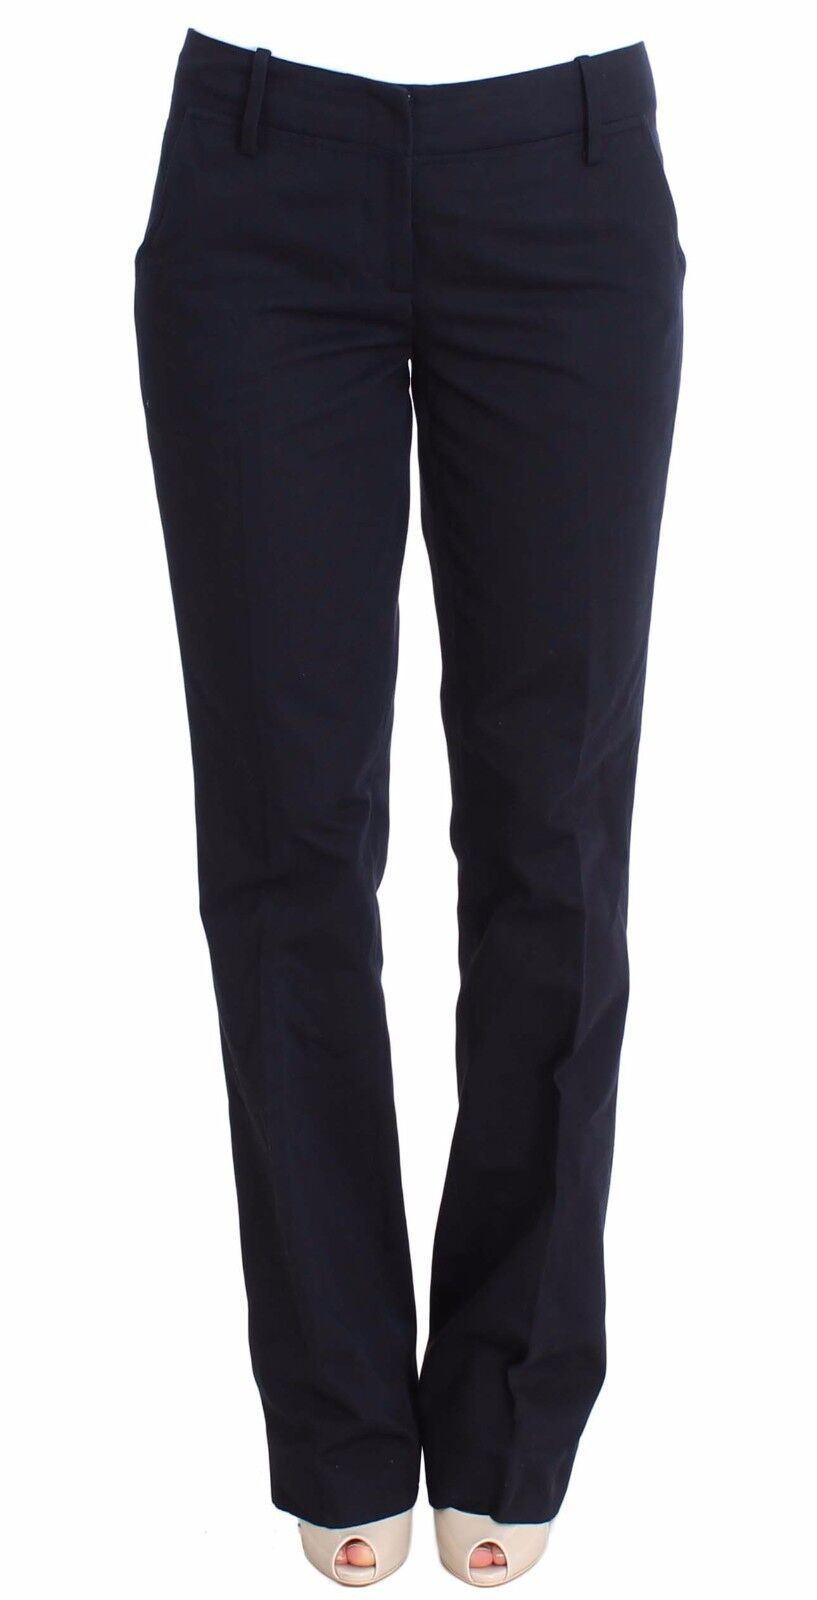 Nuova con Etichetta Ermanno Scervino Pantaloni Cotone Blau Vestito di Seta